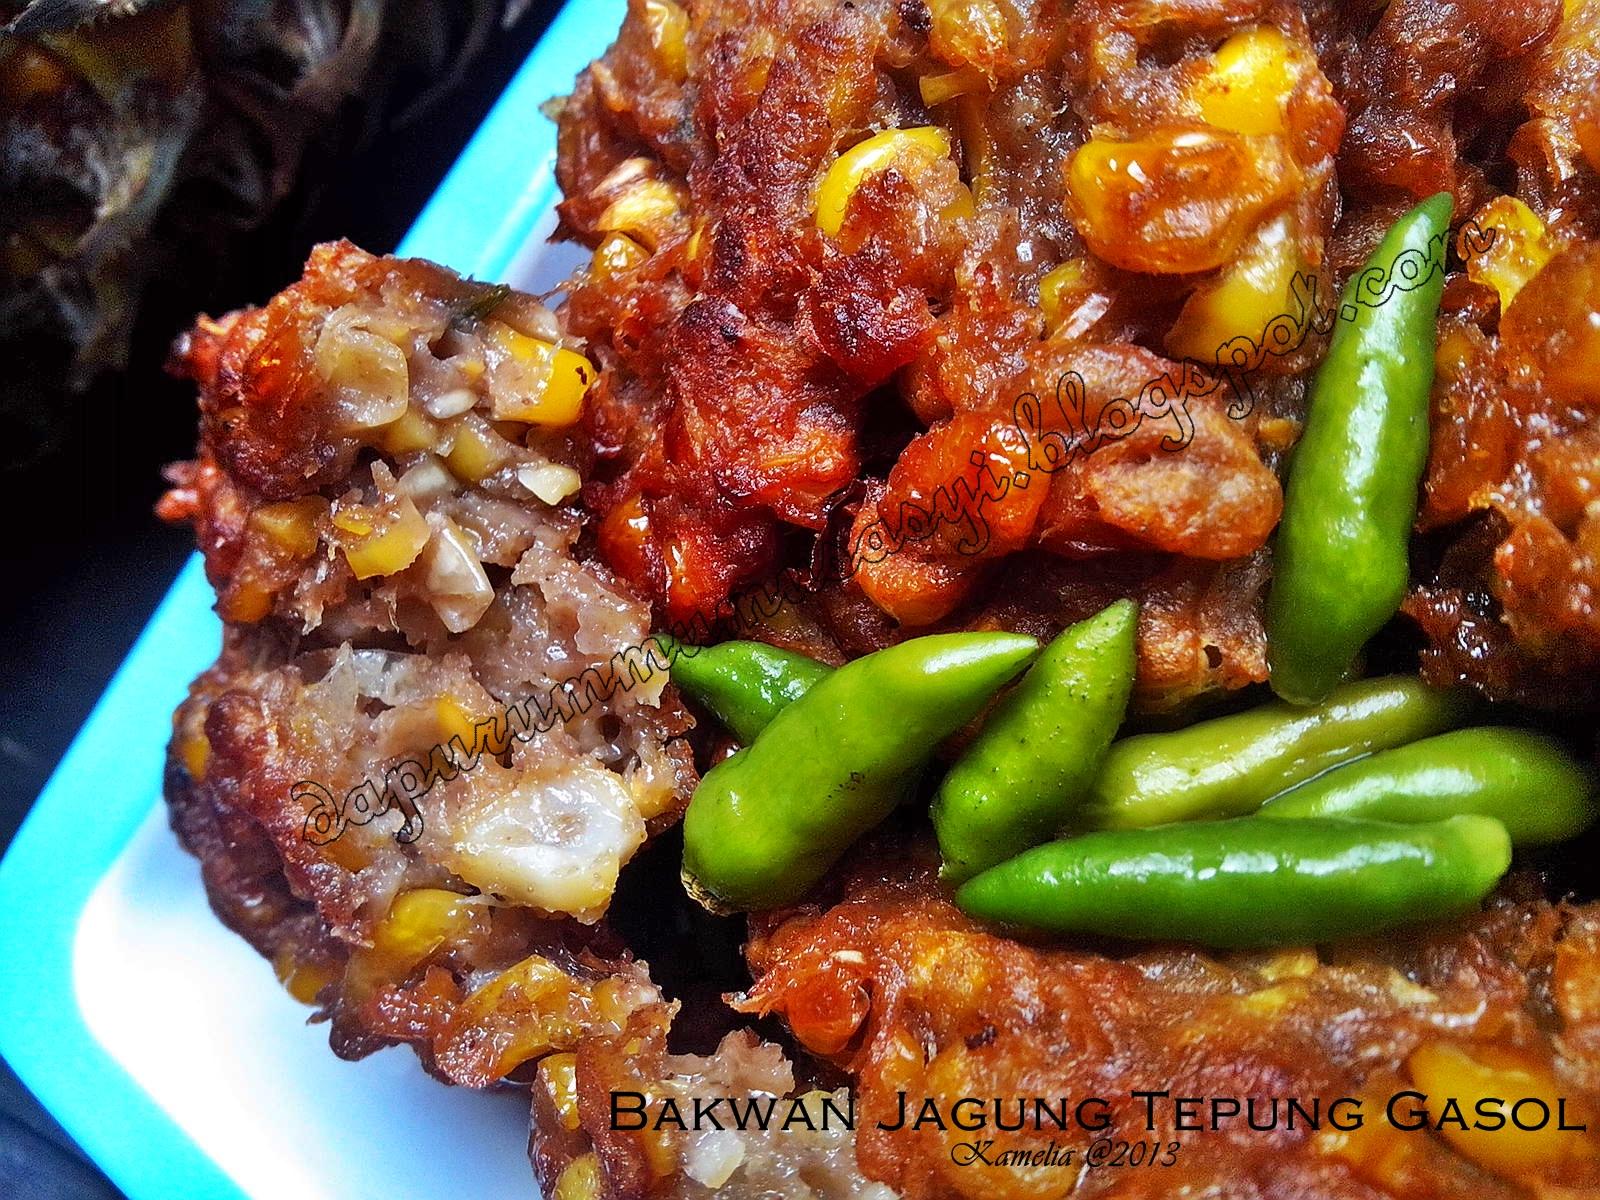 Jual Gasol Tepung Beras Merah Welcome To Cozy Kitchen Bakwan Jagung